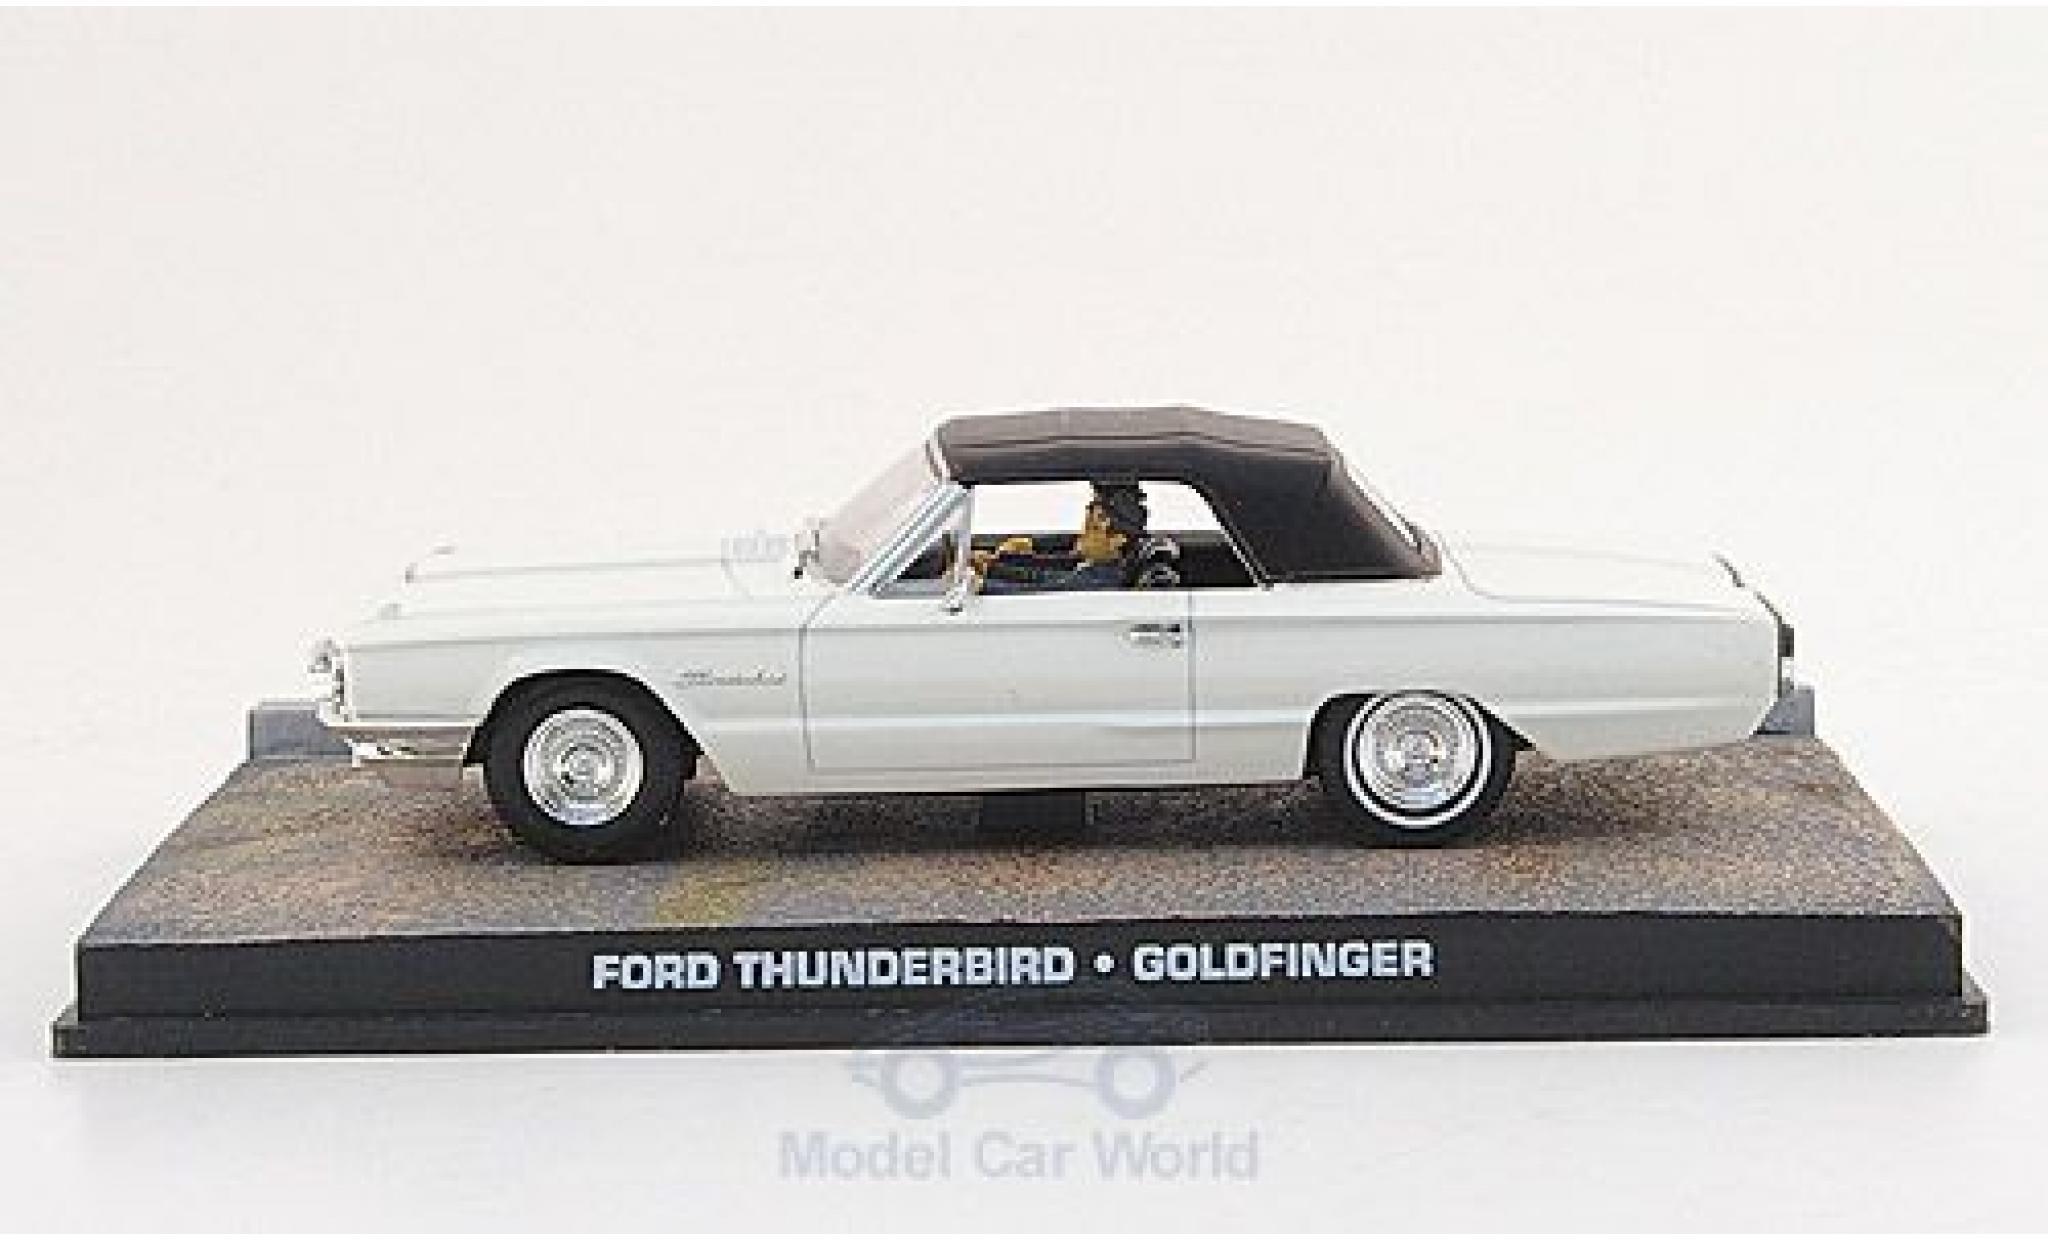 Ford Thunderbird 1/43 SpecialC 007 m. Figuren white James Bond 007 1964 Goldfinger ohne Vitrine